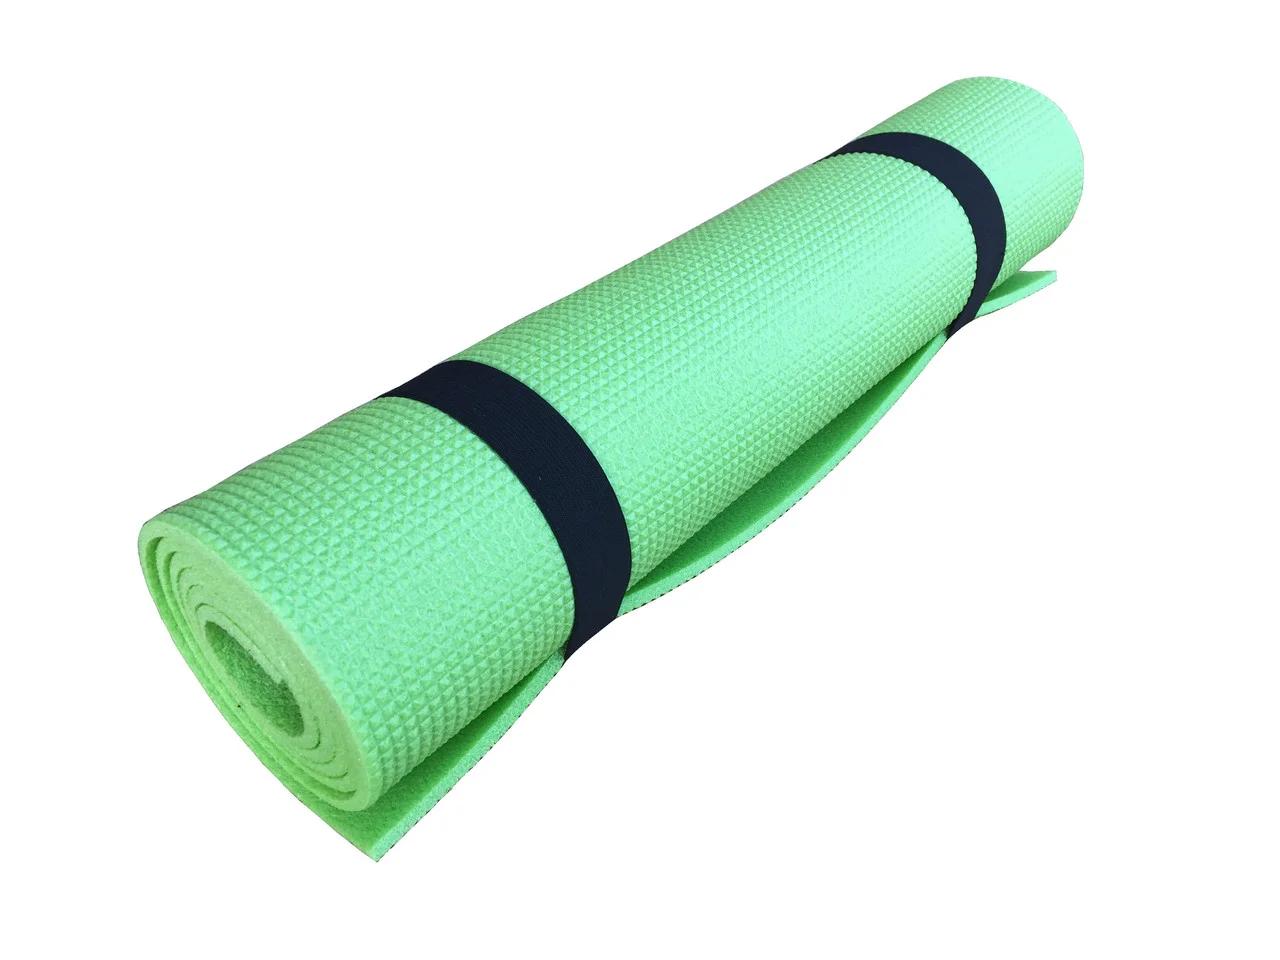 Коврик для фитнеса и спорта  Naprolom XL, зеленый